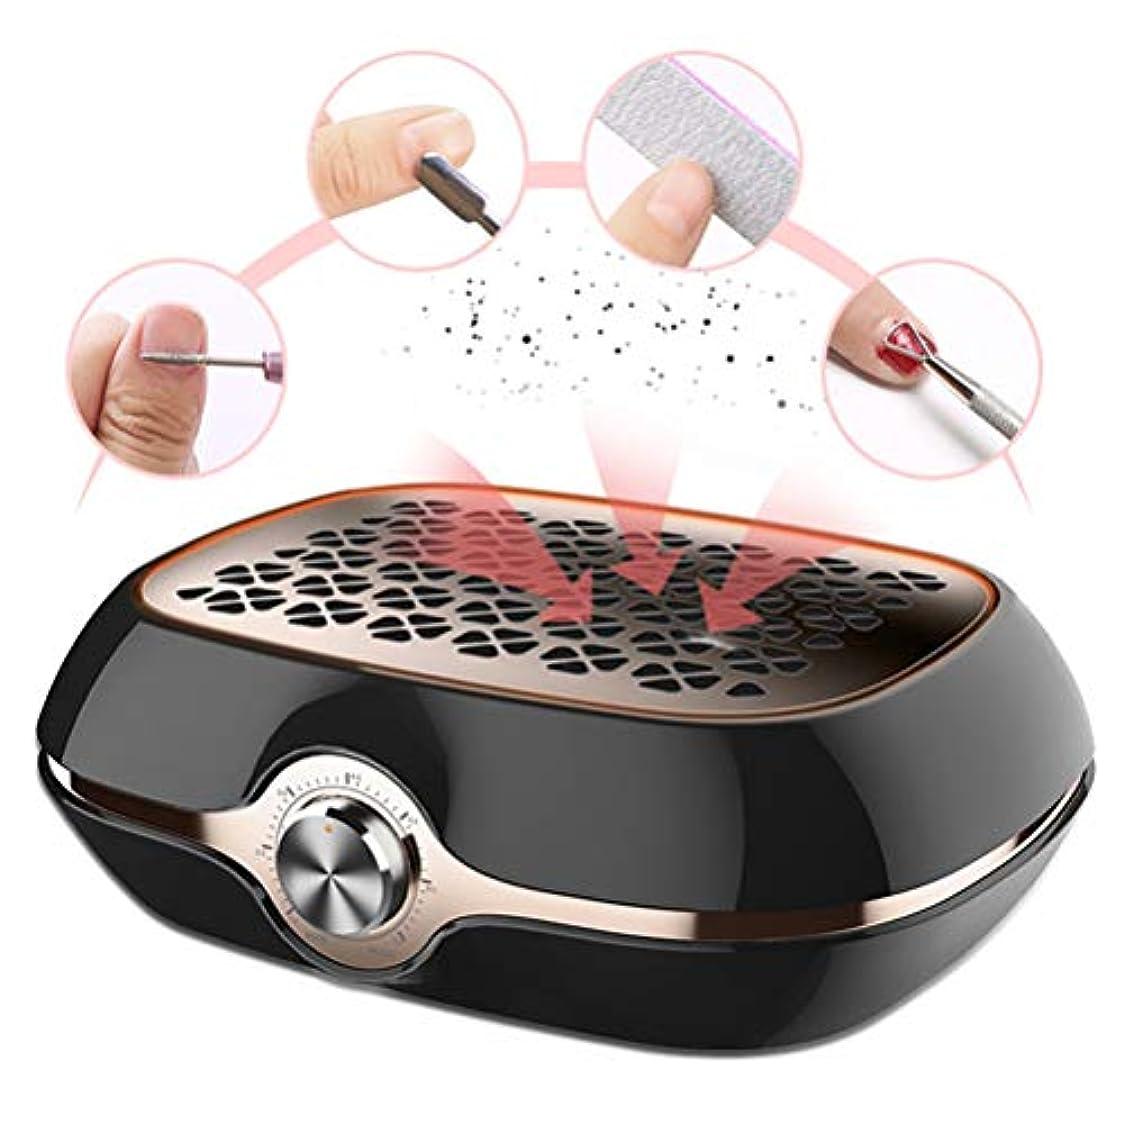 お金ゴムフェード尾サロンホームマニキュアツールのファインフィルターネイル集塵機とミュートネイル掃除機ハイパワーアジャスタブルスピード